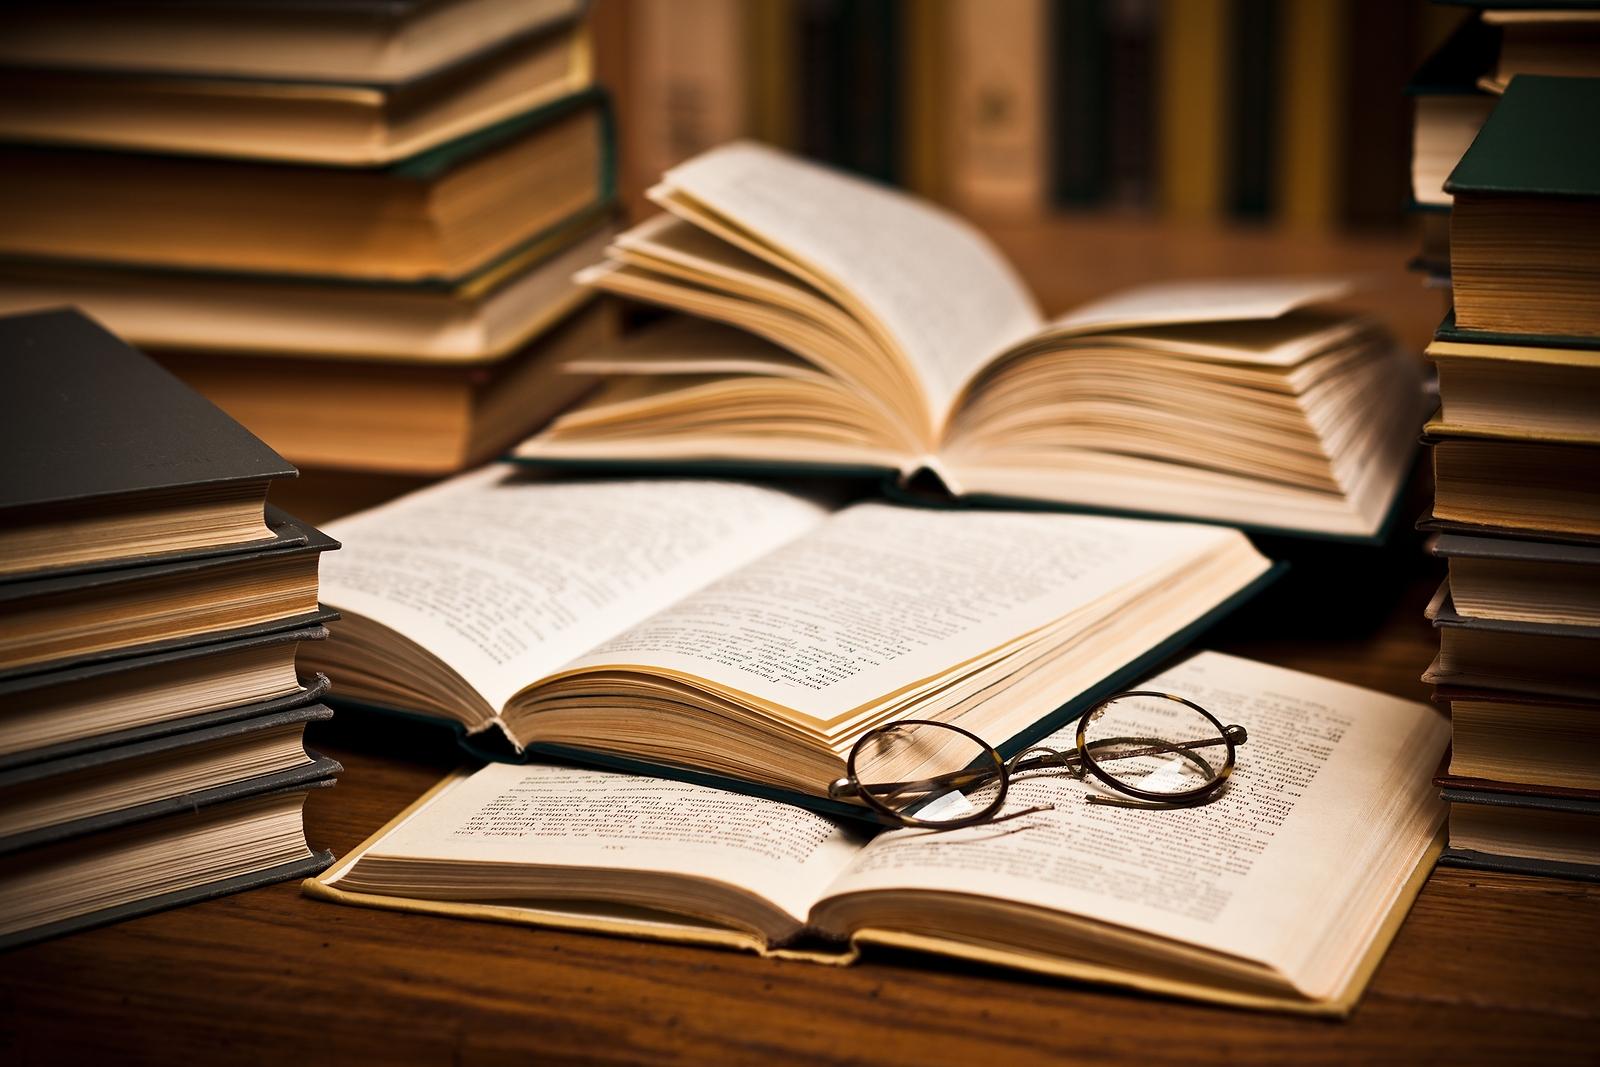 В Областном молодежном центре открылось литературное кафе